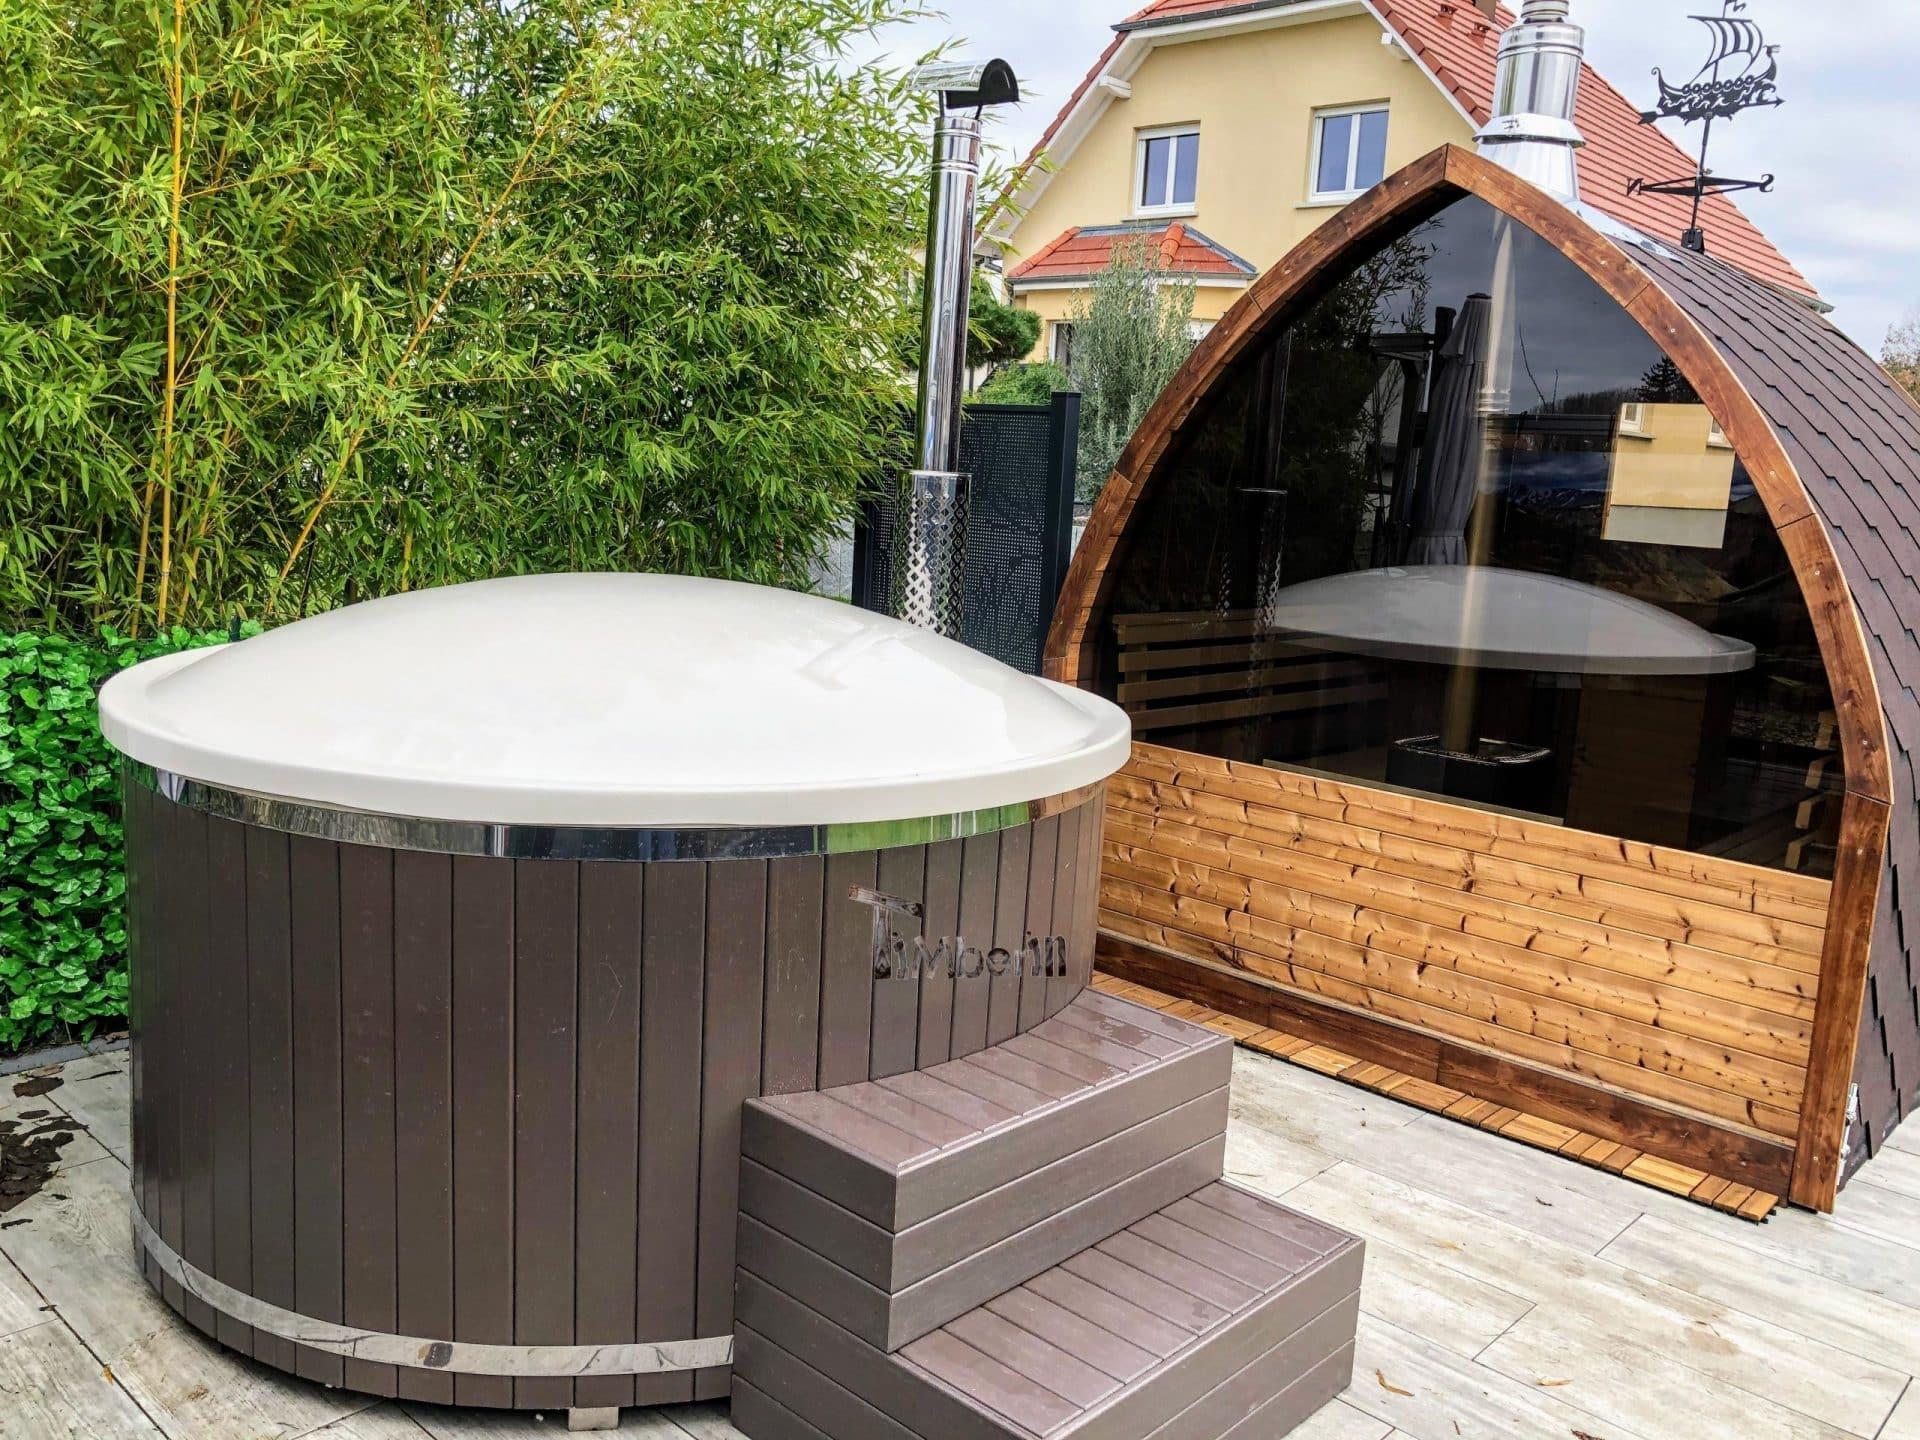 Aussensauna Gartensauna Iglu Pod mit Holzofen Elektrisch 1 1 scaled